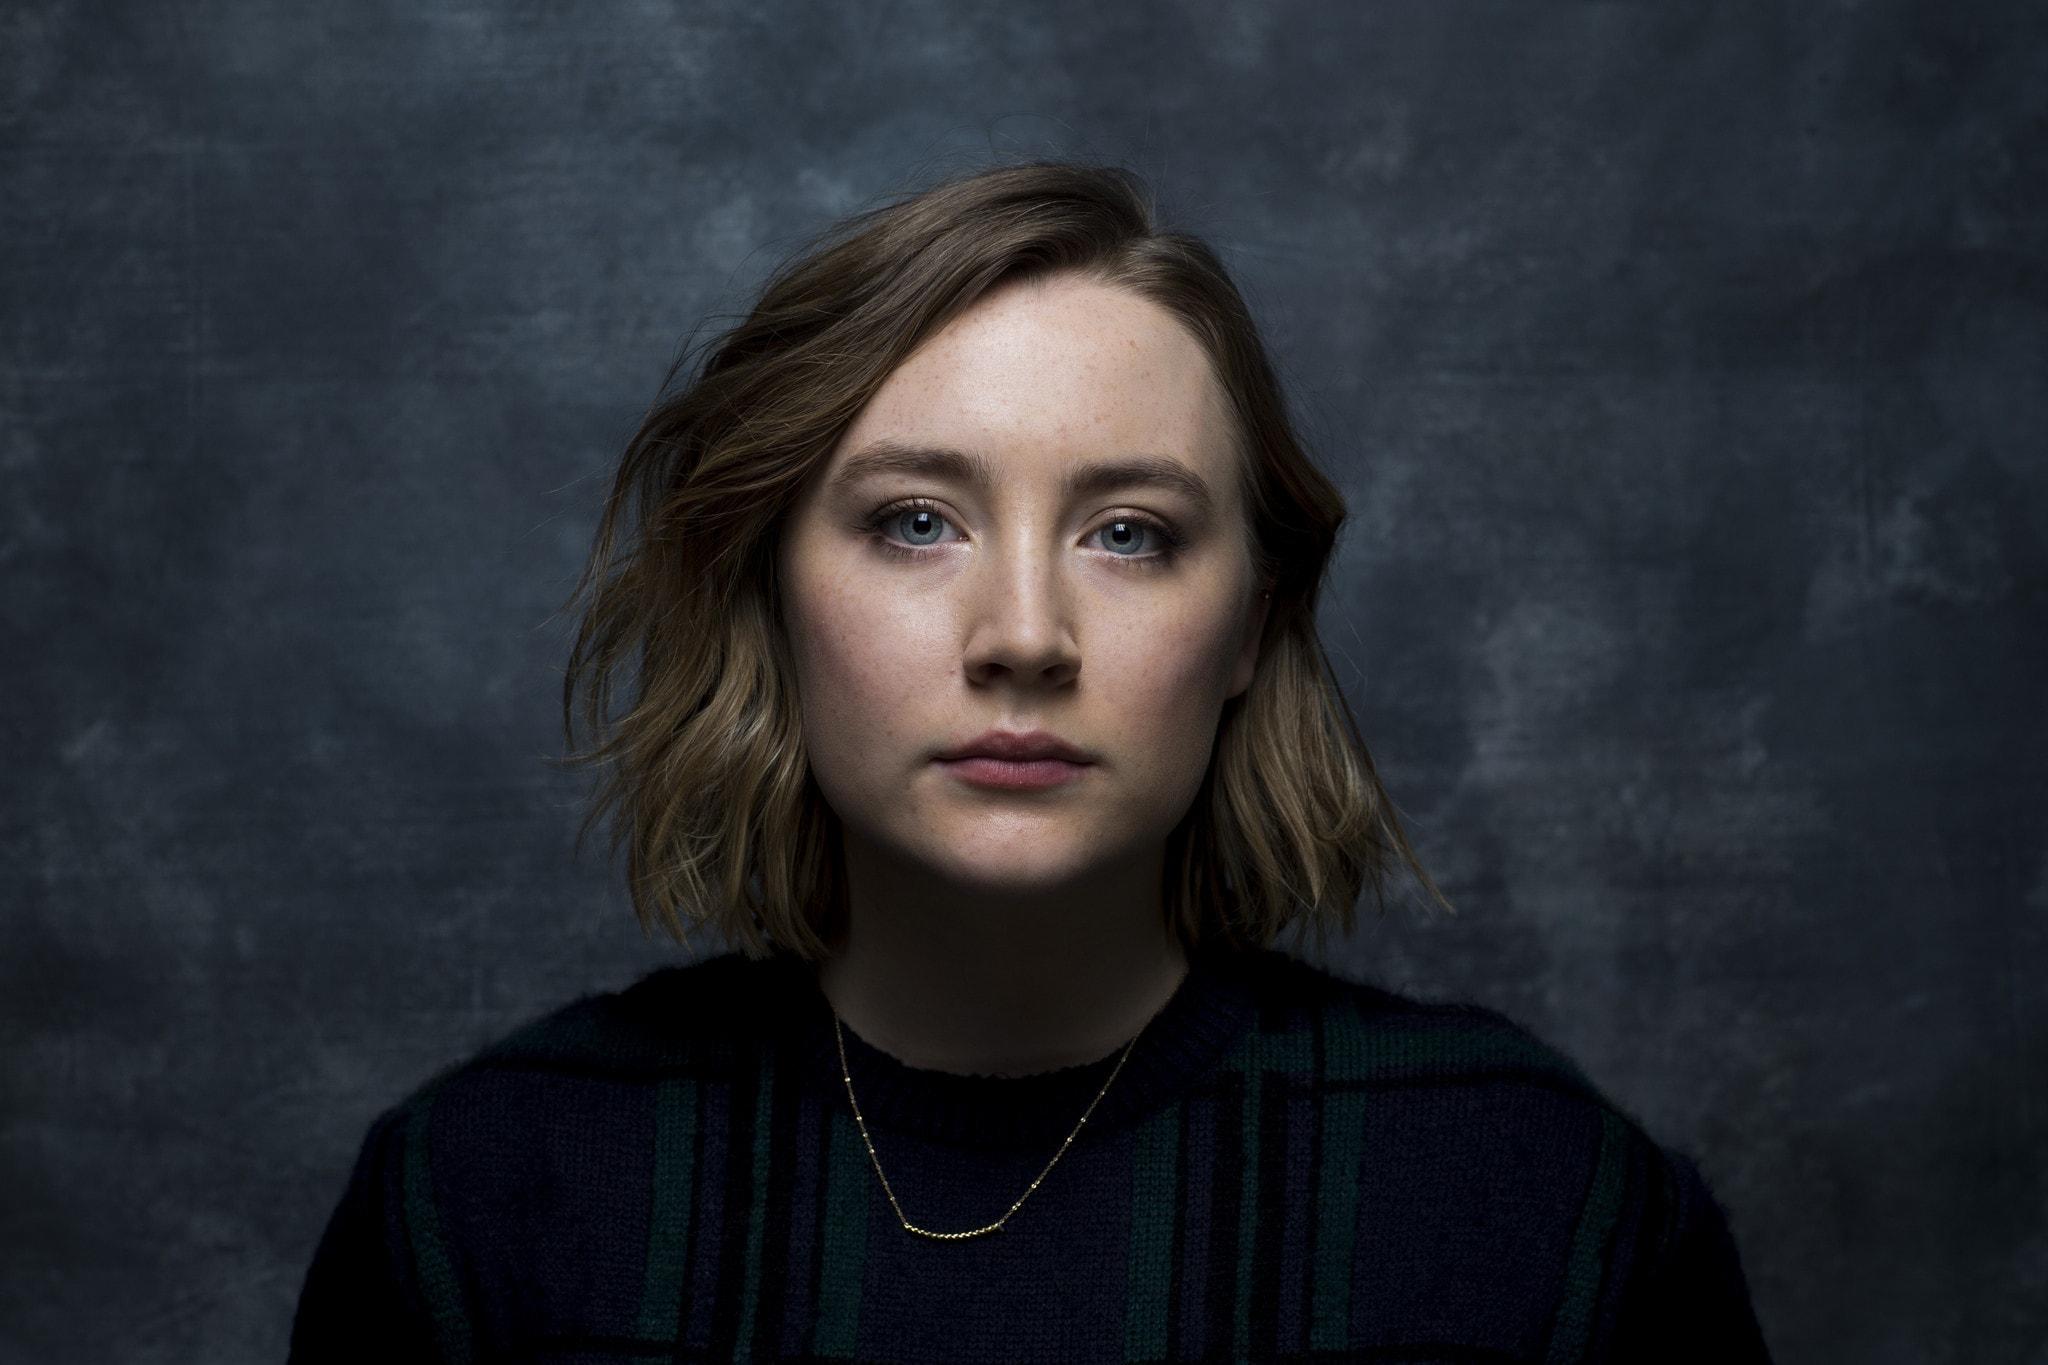 Saoirse Ronan Full hd wallpapers